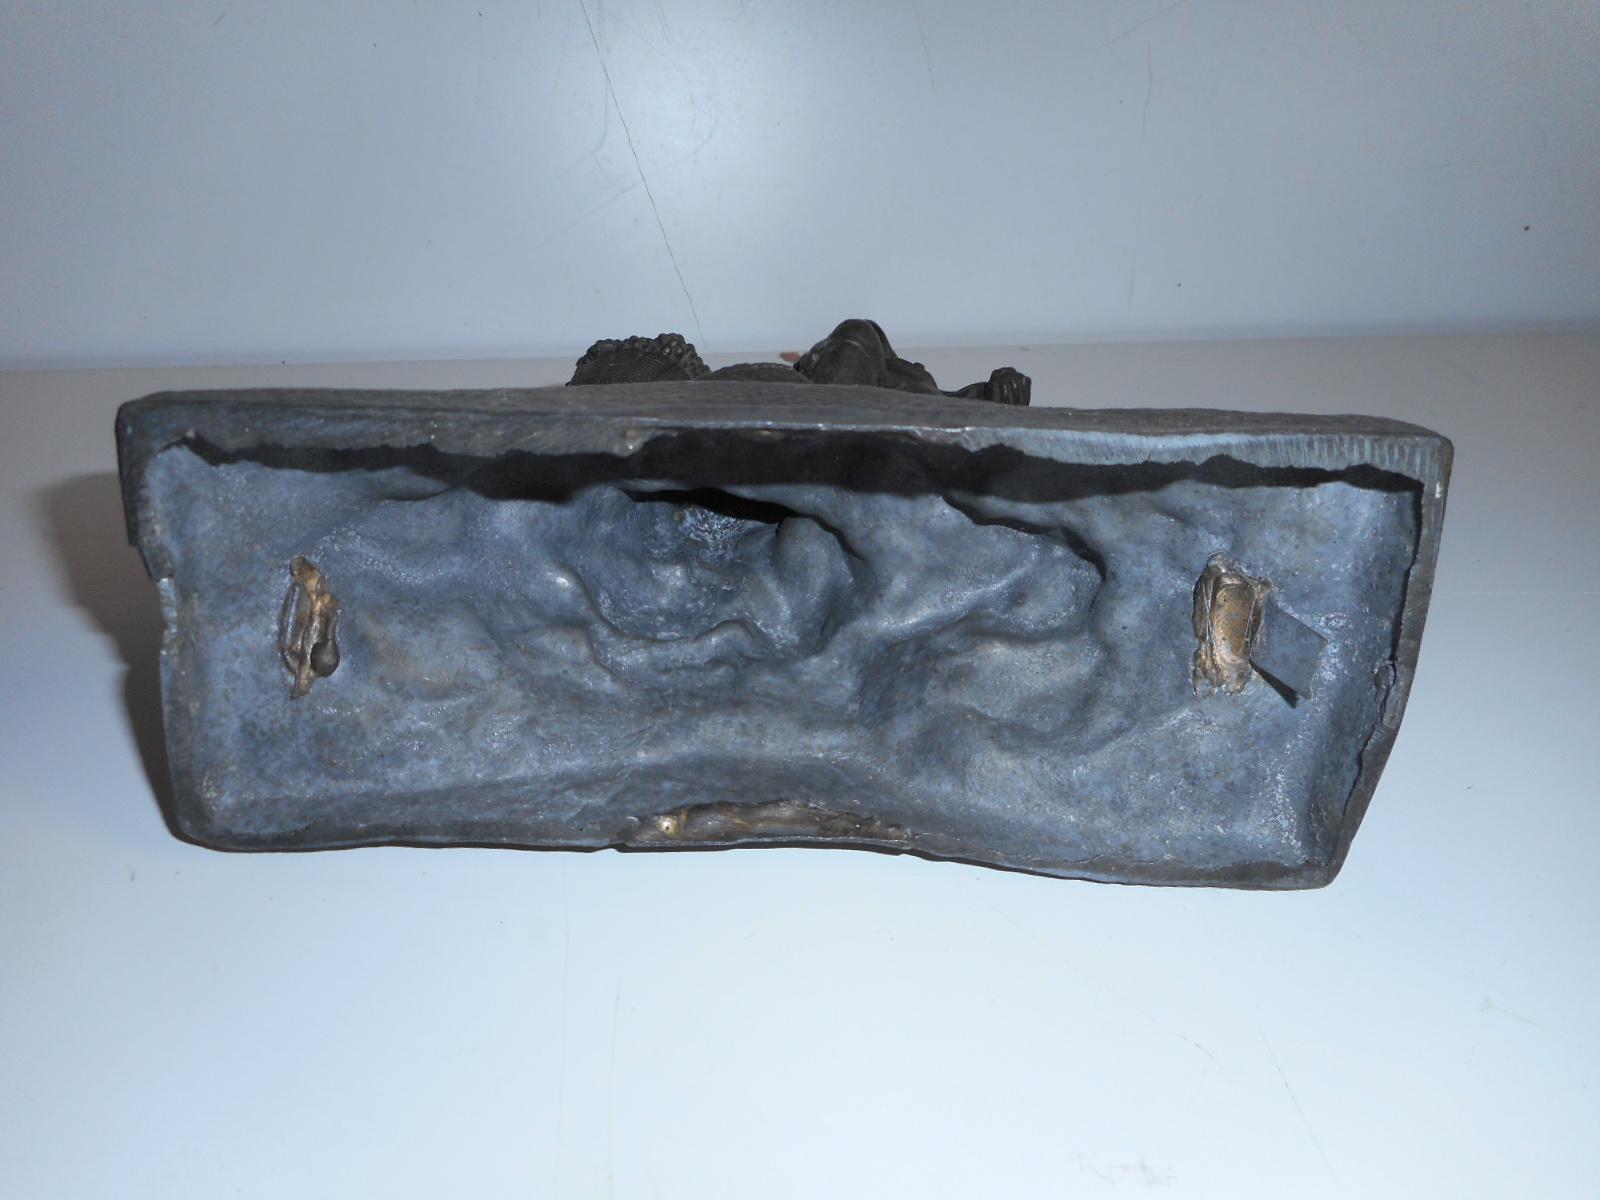 Antiques Antico Candelabro In Antimonio Con Sotto Un Portacenere Come Base Di Marmo Silverplate